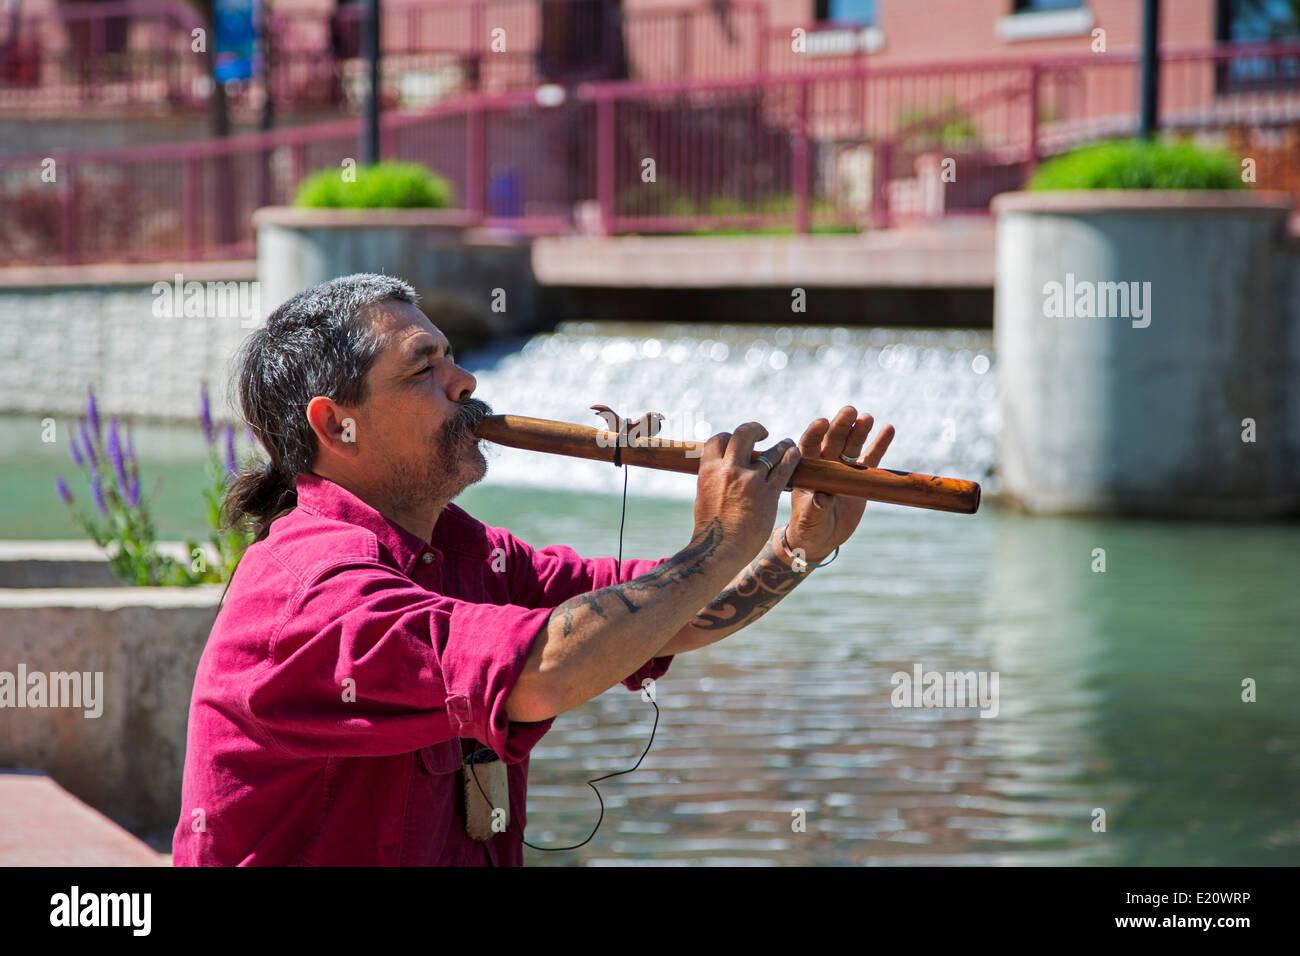 Pueblo, Colorado - A musician plays his flute on the Historic Arkansas Riverwalk of Pueblo. - Stock Image